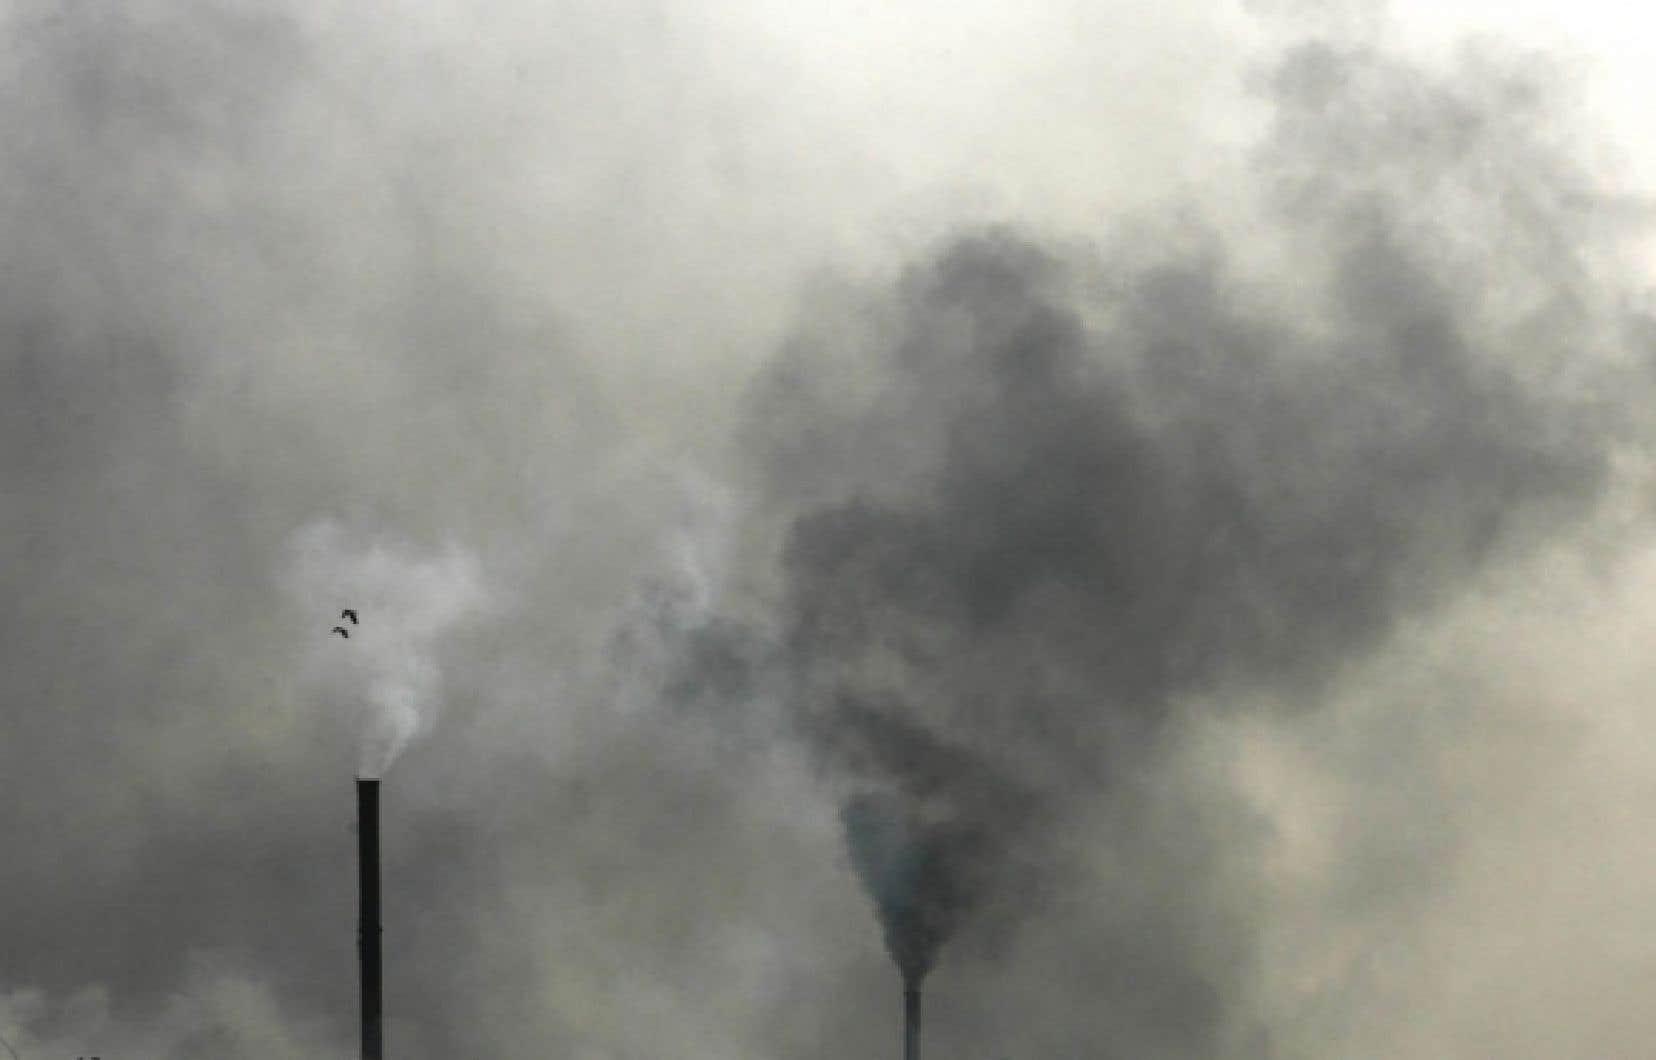 Les amendements apportés au Clean Air Act en 1990 vont coûter globalement à la société étatsunienne 65 milliards par année en 2020. Mais les bénéfices les plus facilement identifiables vont s'élever à 2 billions.